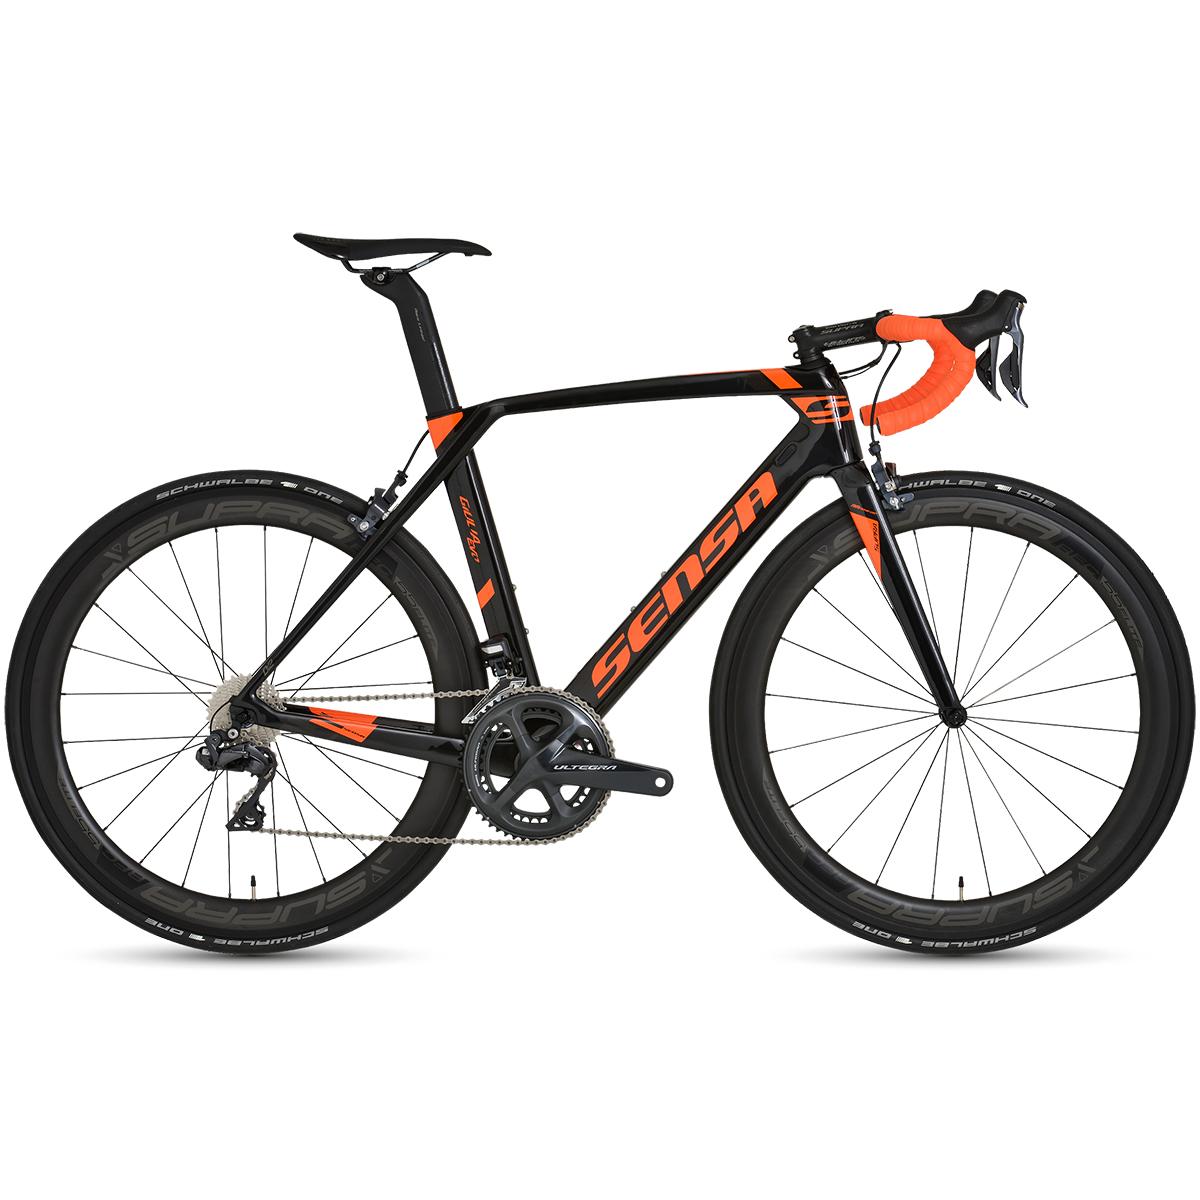 Sensa Giulia Evo Ultegra Road Bike - 2019